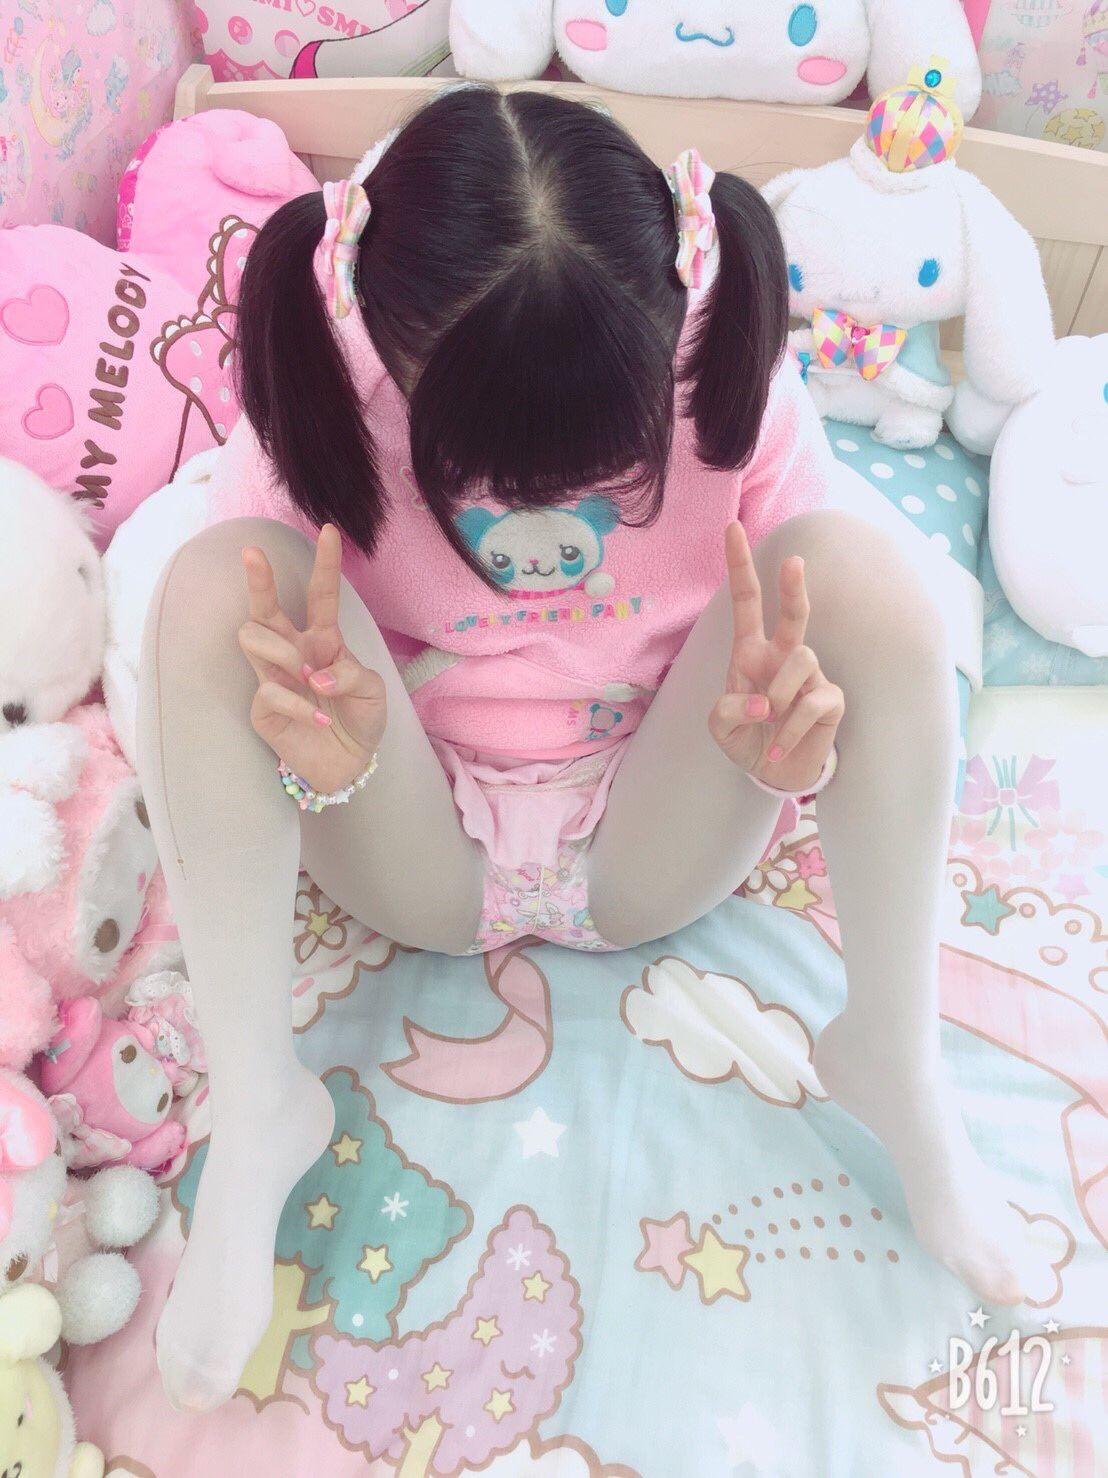 大人なのに 大人なのに女児服着てる (@otonajyojifuku)   Twitter